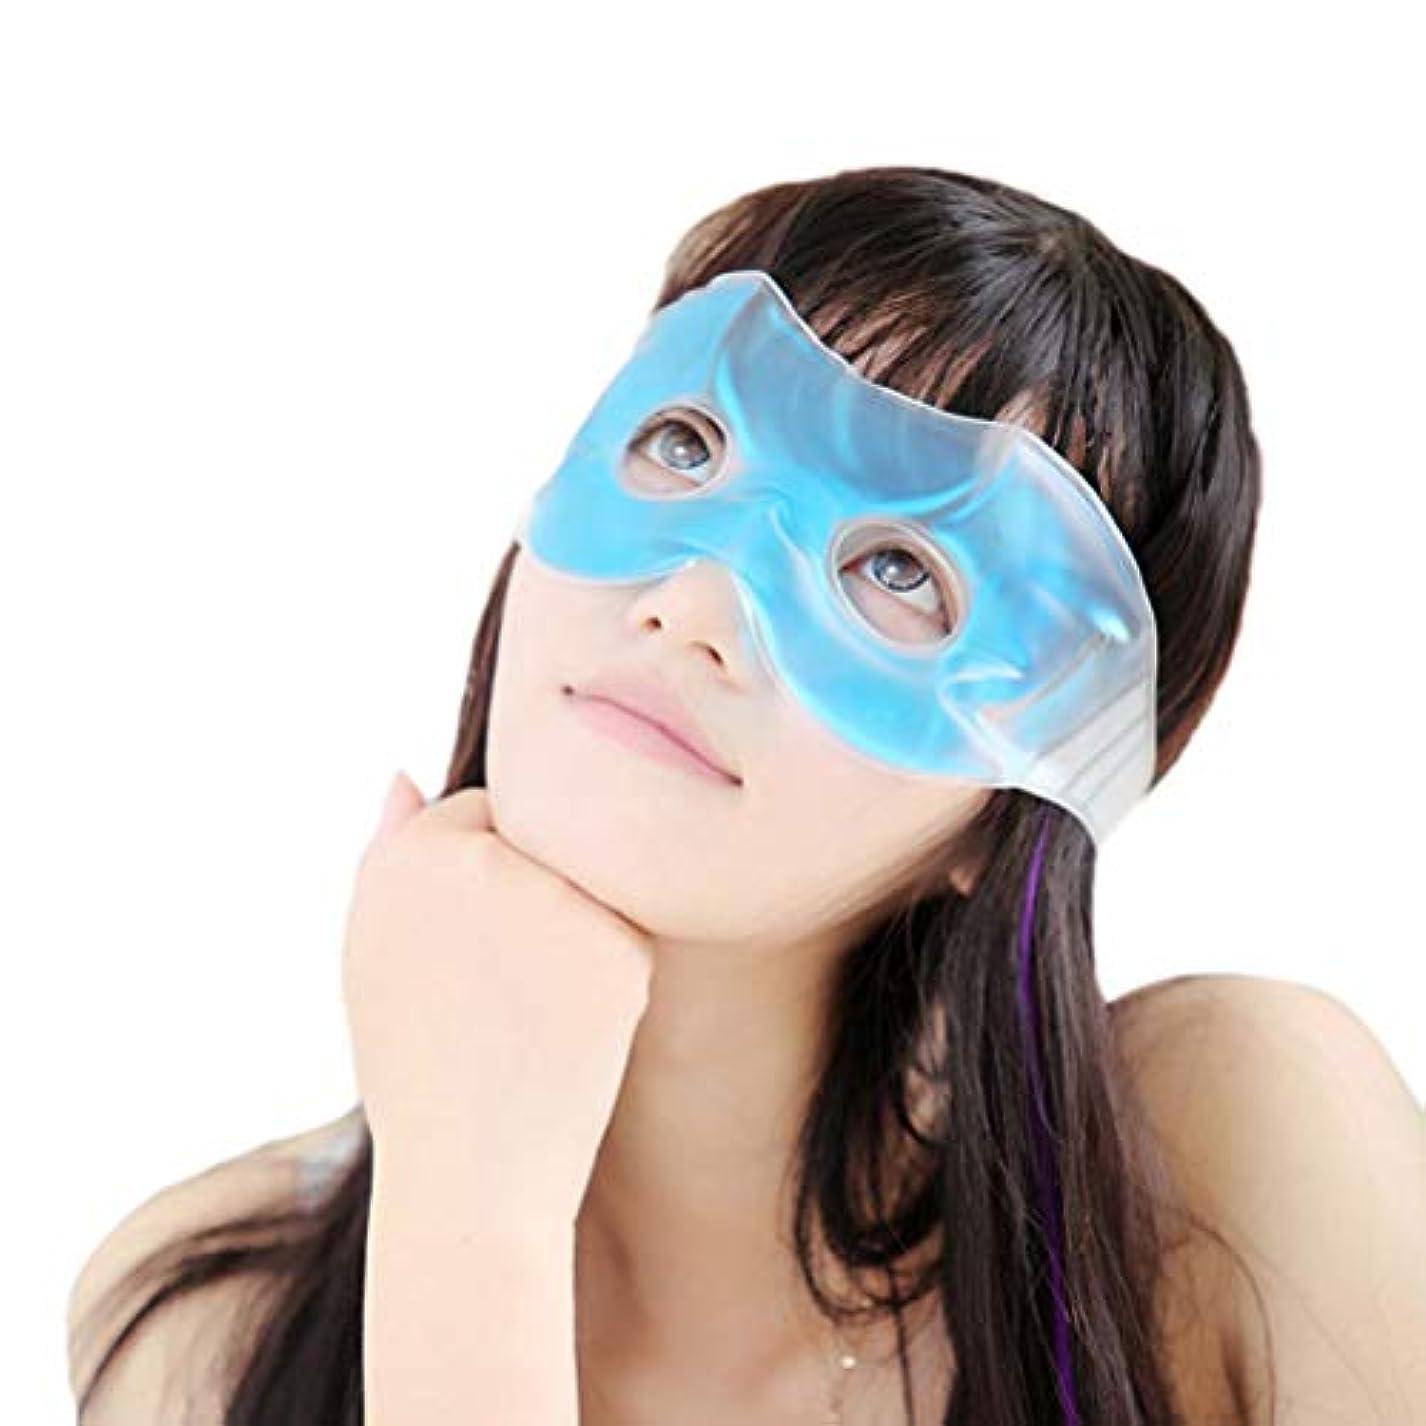 ベンチャーティーンエイジャージュラシックパークHeallilyアイスアイマスク睡眠アイスパッチ冷却リラックスブラインド快適なパッチ用アイパフネスダークサークル